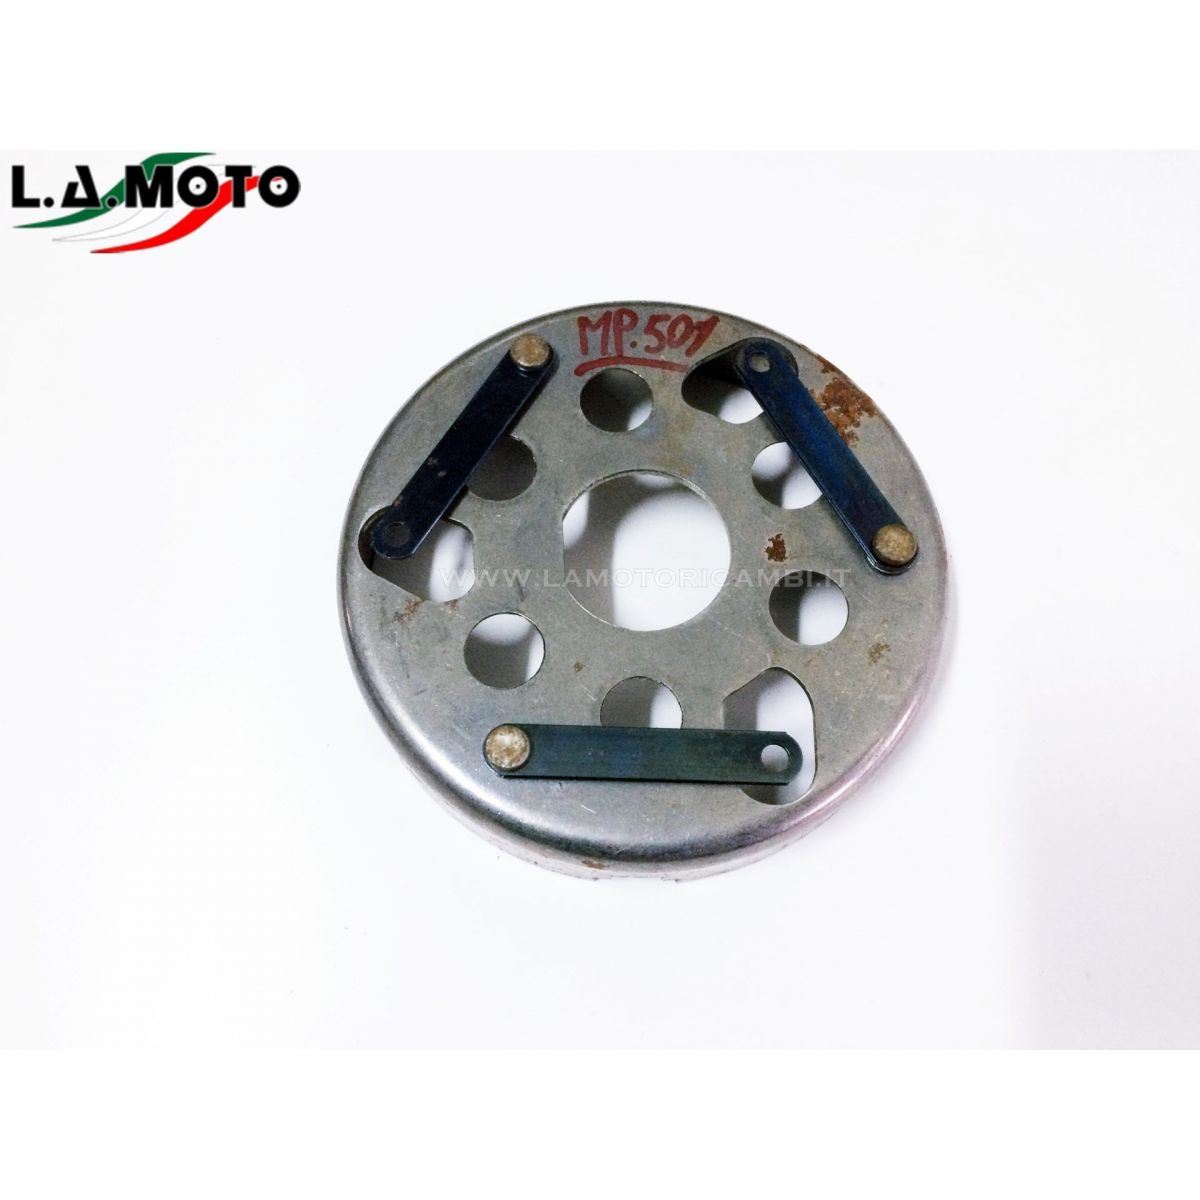 SCATOLA FRIZIONE ORIGINALE PIAGGIO PER PIAGGIO APE  MP 501 221406